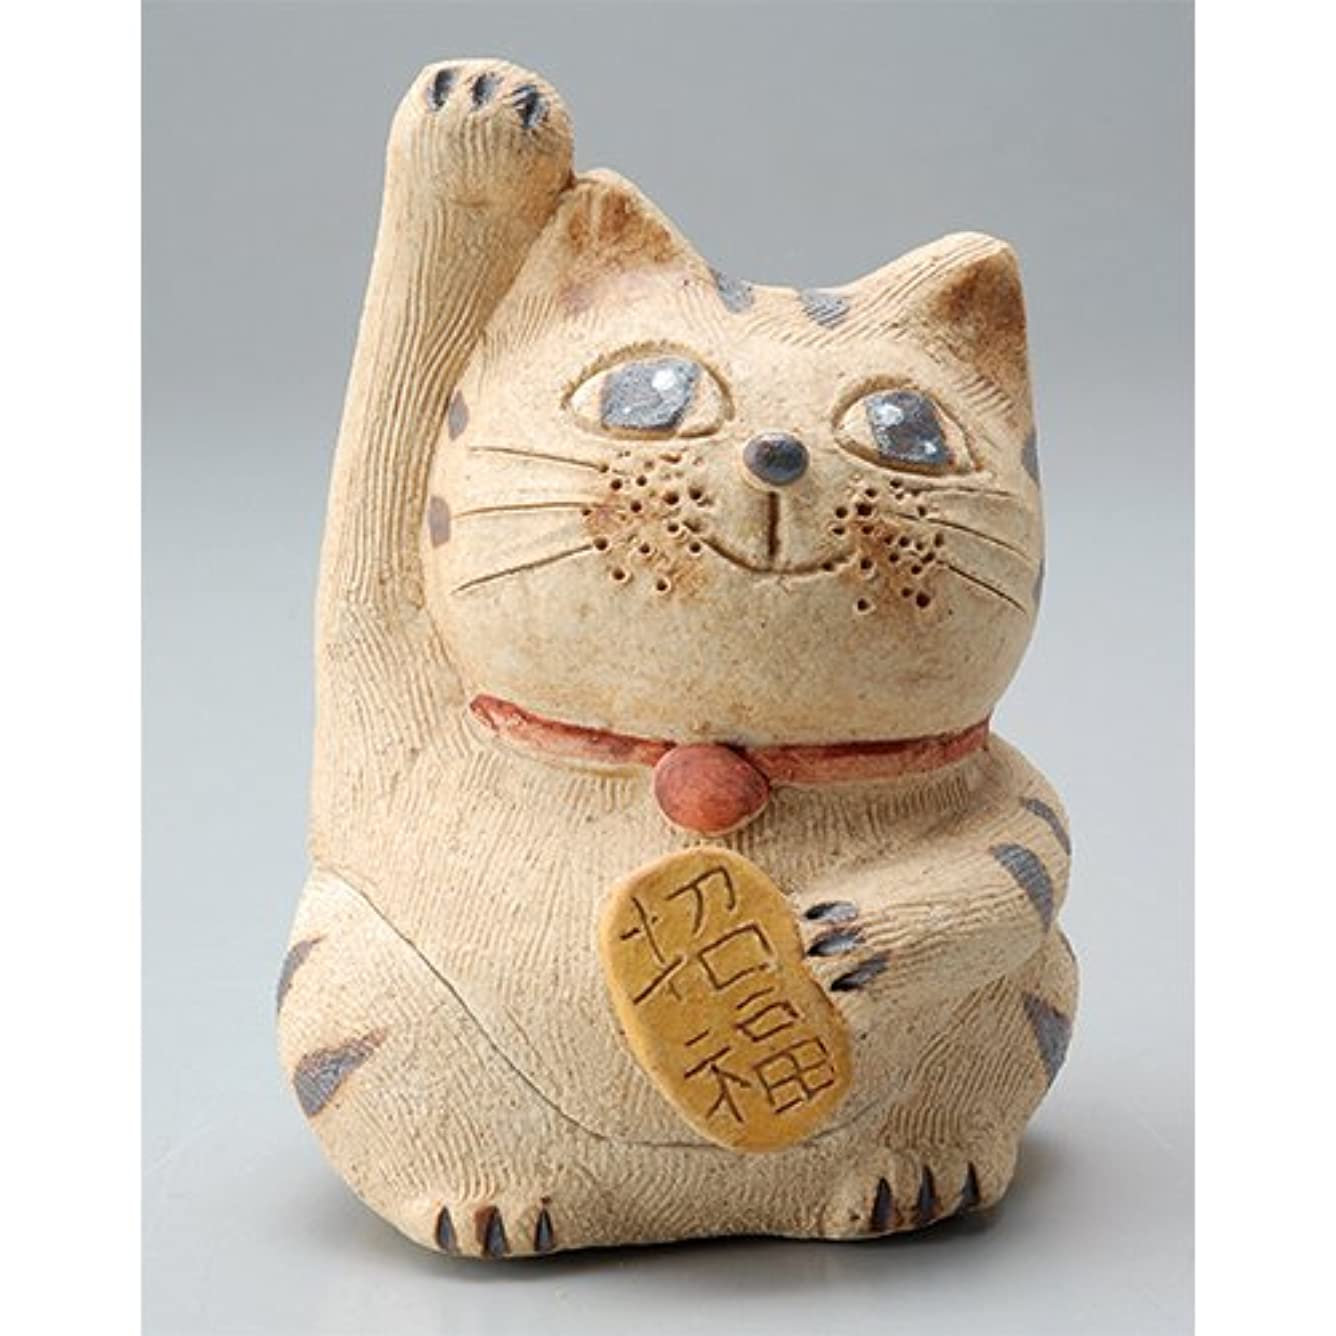 風刺うまくいけば精神医学香炉 円な瞳招き猫(お金招き)香炉(小) [H8.5cm] HANDMADE プレゼント ギフト 和食器 かわいい インテリア